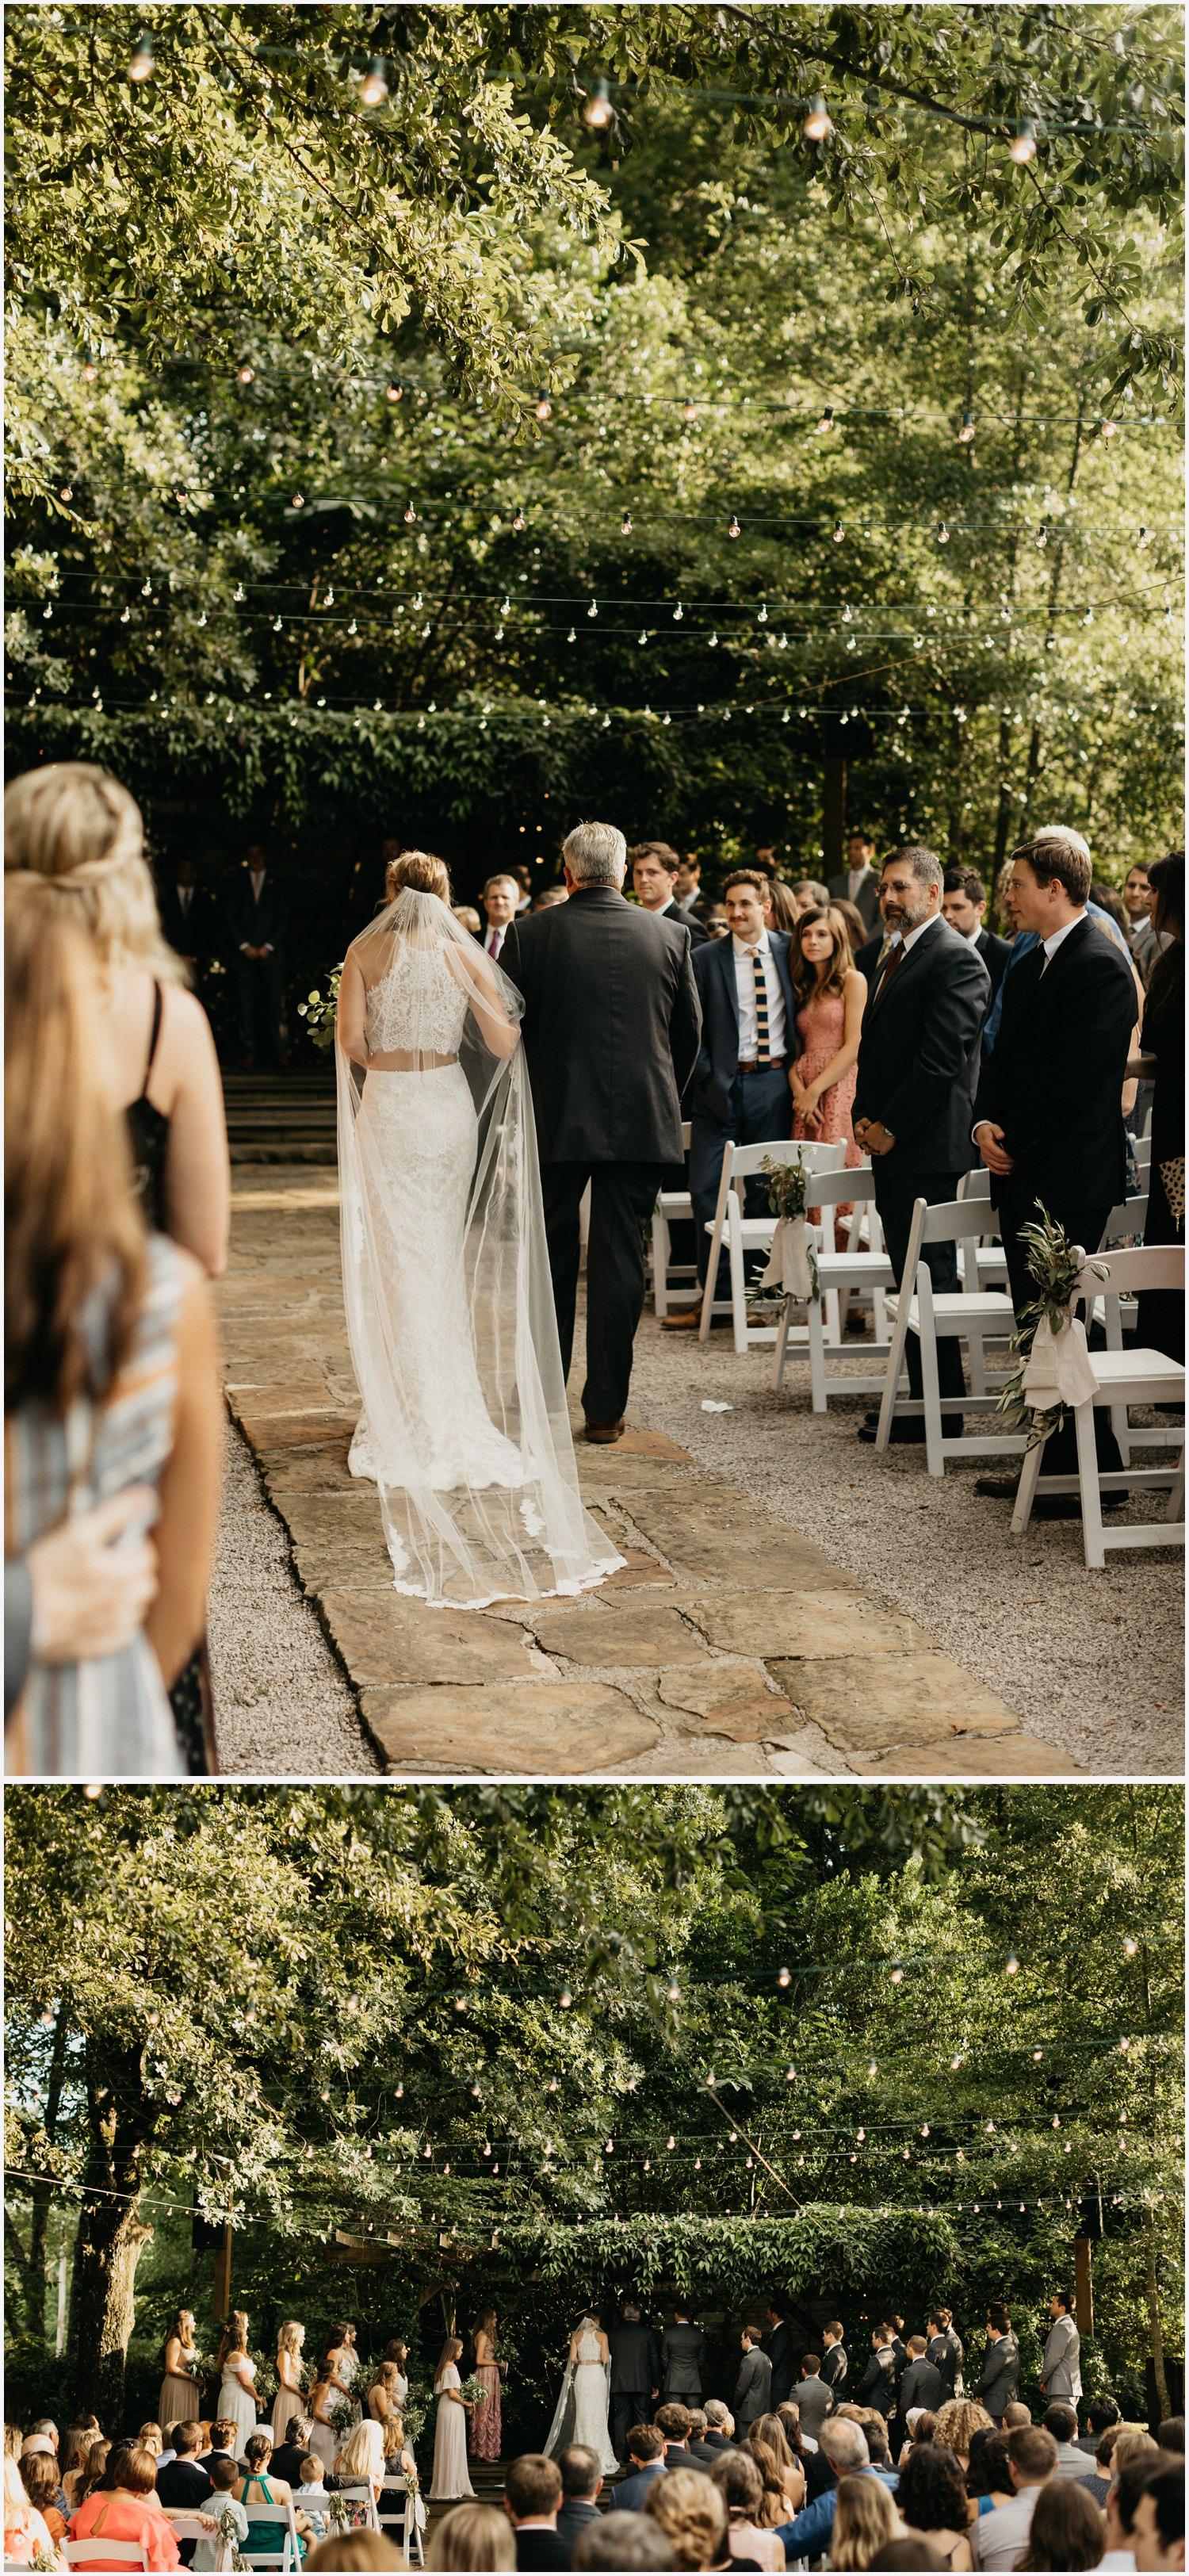 Wedding ceremony at the Gabrella Manor